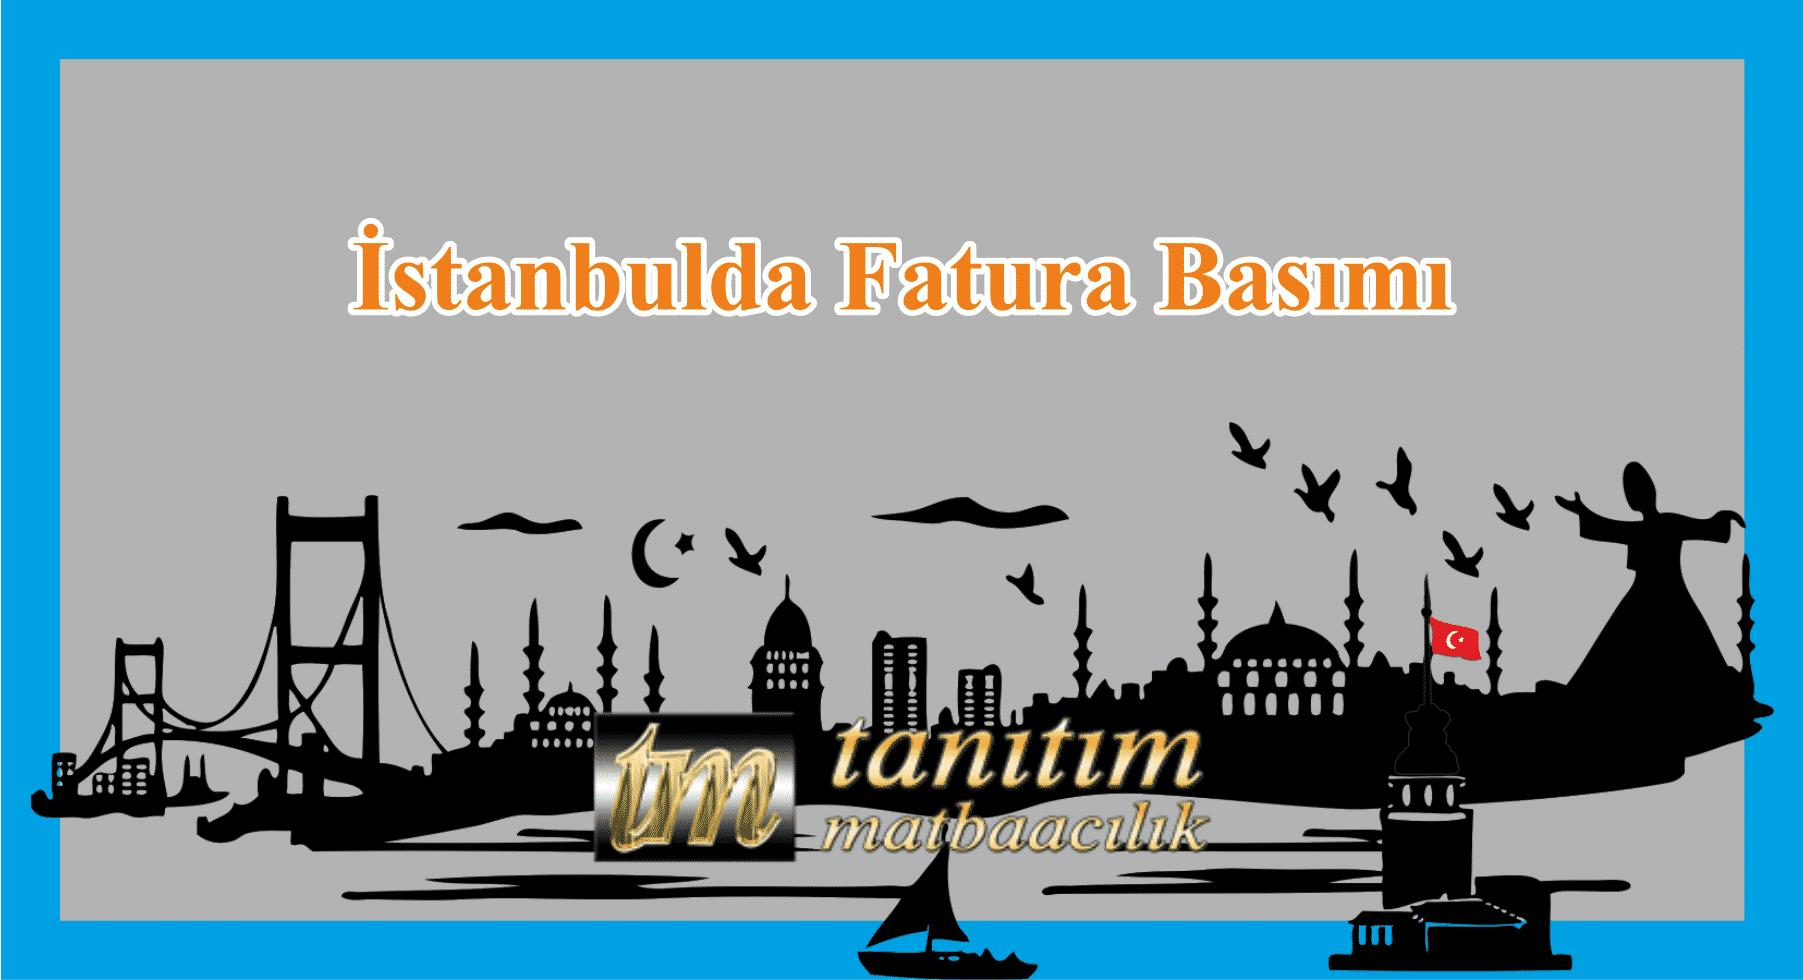 STANBULDA FATURA BASIMI - İstanbulda Hızlı ve Güvenilir Fatura Basımı